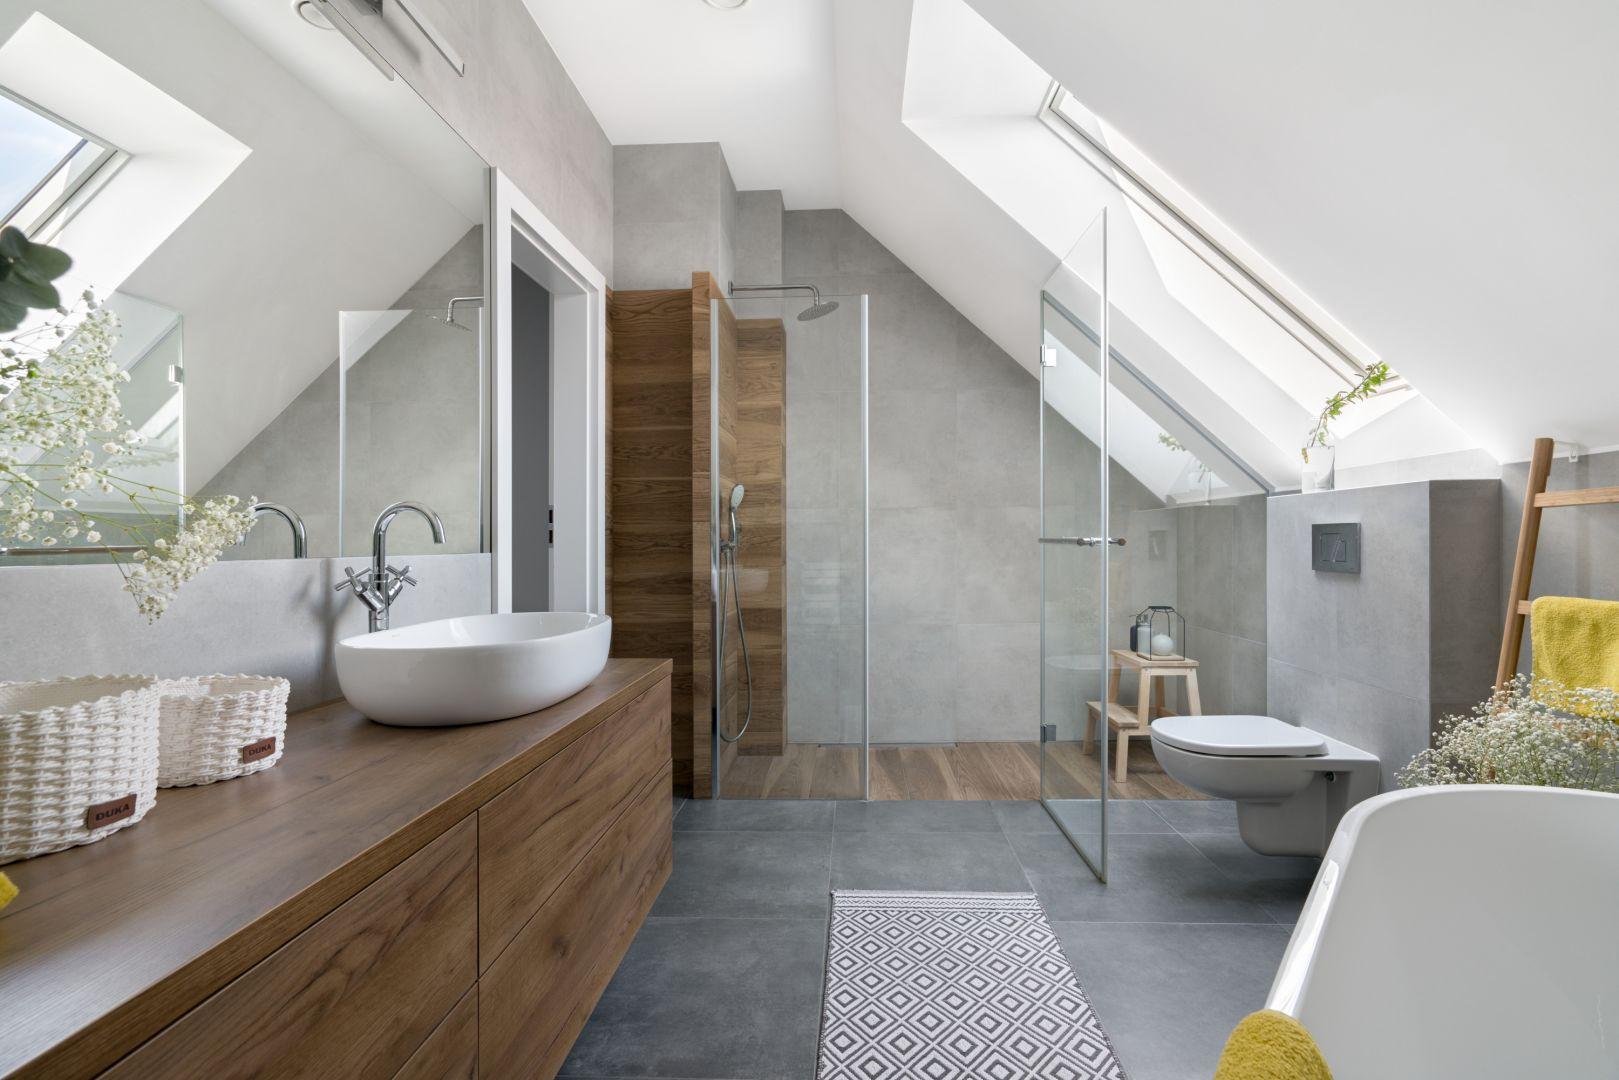 W łazience sprawdzają się szare płytki i te w kolorze drewna - najmniej widać na nich kurz i kamień. Projekt: MM Architekci. Fot. Jeremiasz Nowak